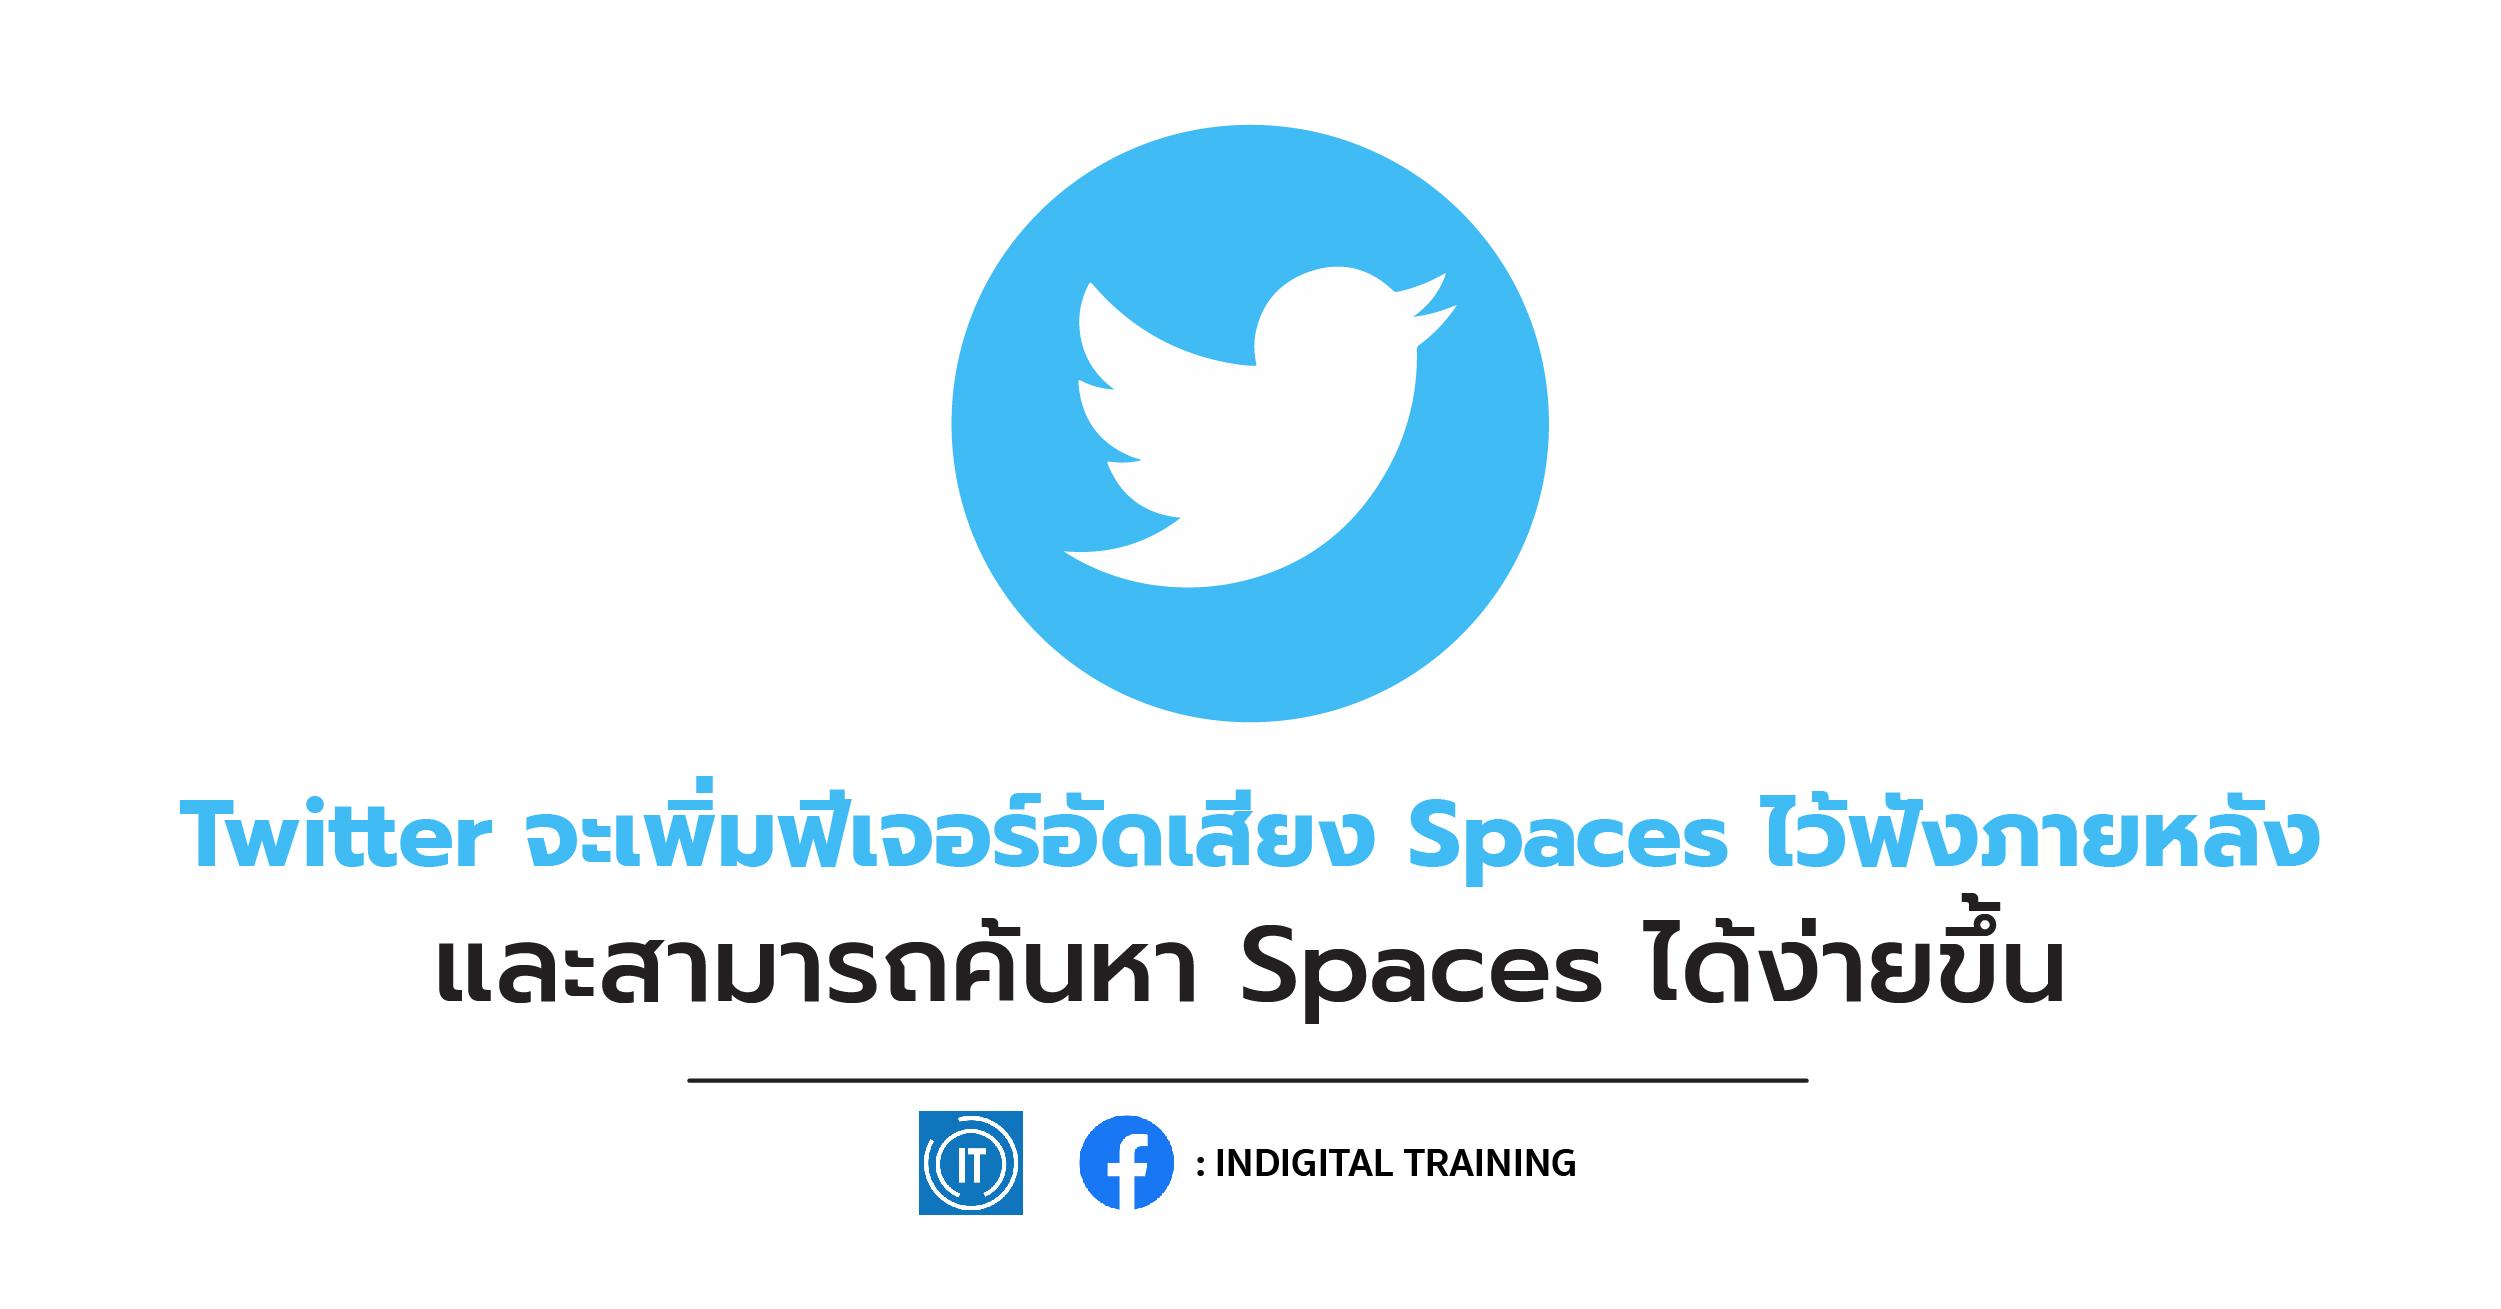 Twitter จะเพิ่มฟีเจอร์อัดเสียง Spaces ไว้ฟังภายหลัง และสามารถค้นหา Spaces ได้ง่ายขึ้น